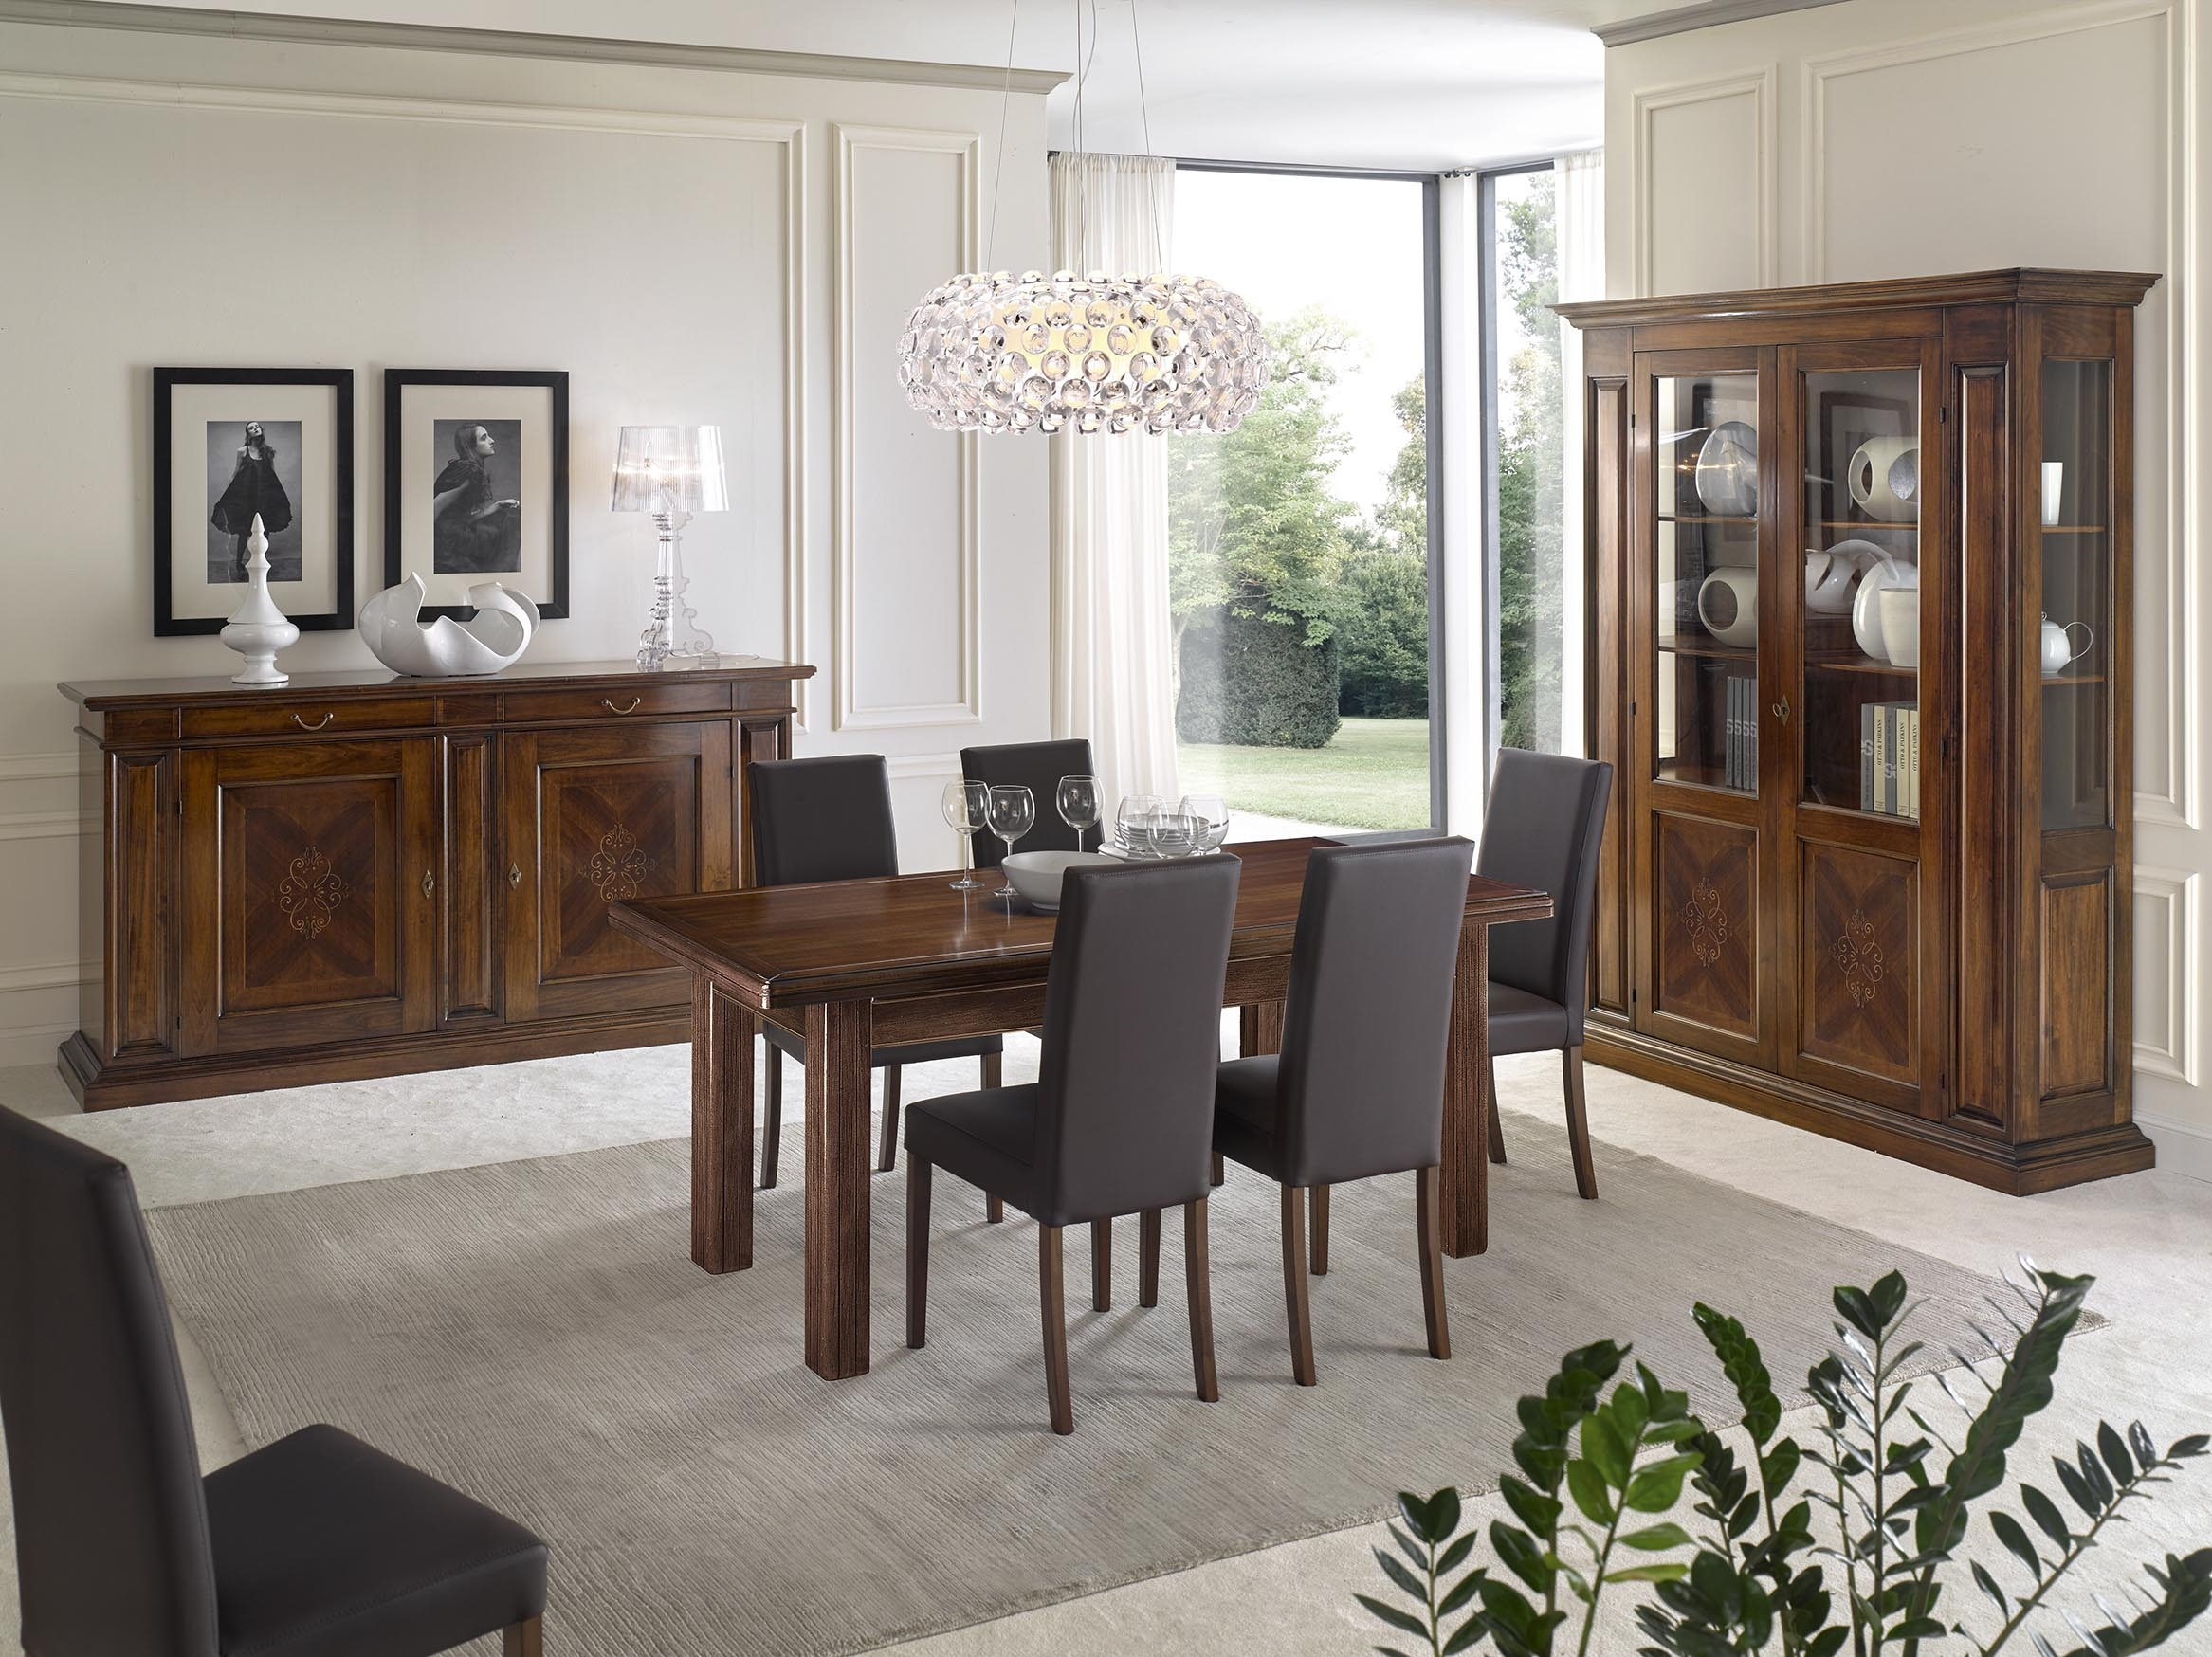 Sala da pranzo con mobili intarsiati in noce con tavolo allungabile soggiorni a prezzi scontati - Tavolo sala da pranzo ...